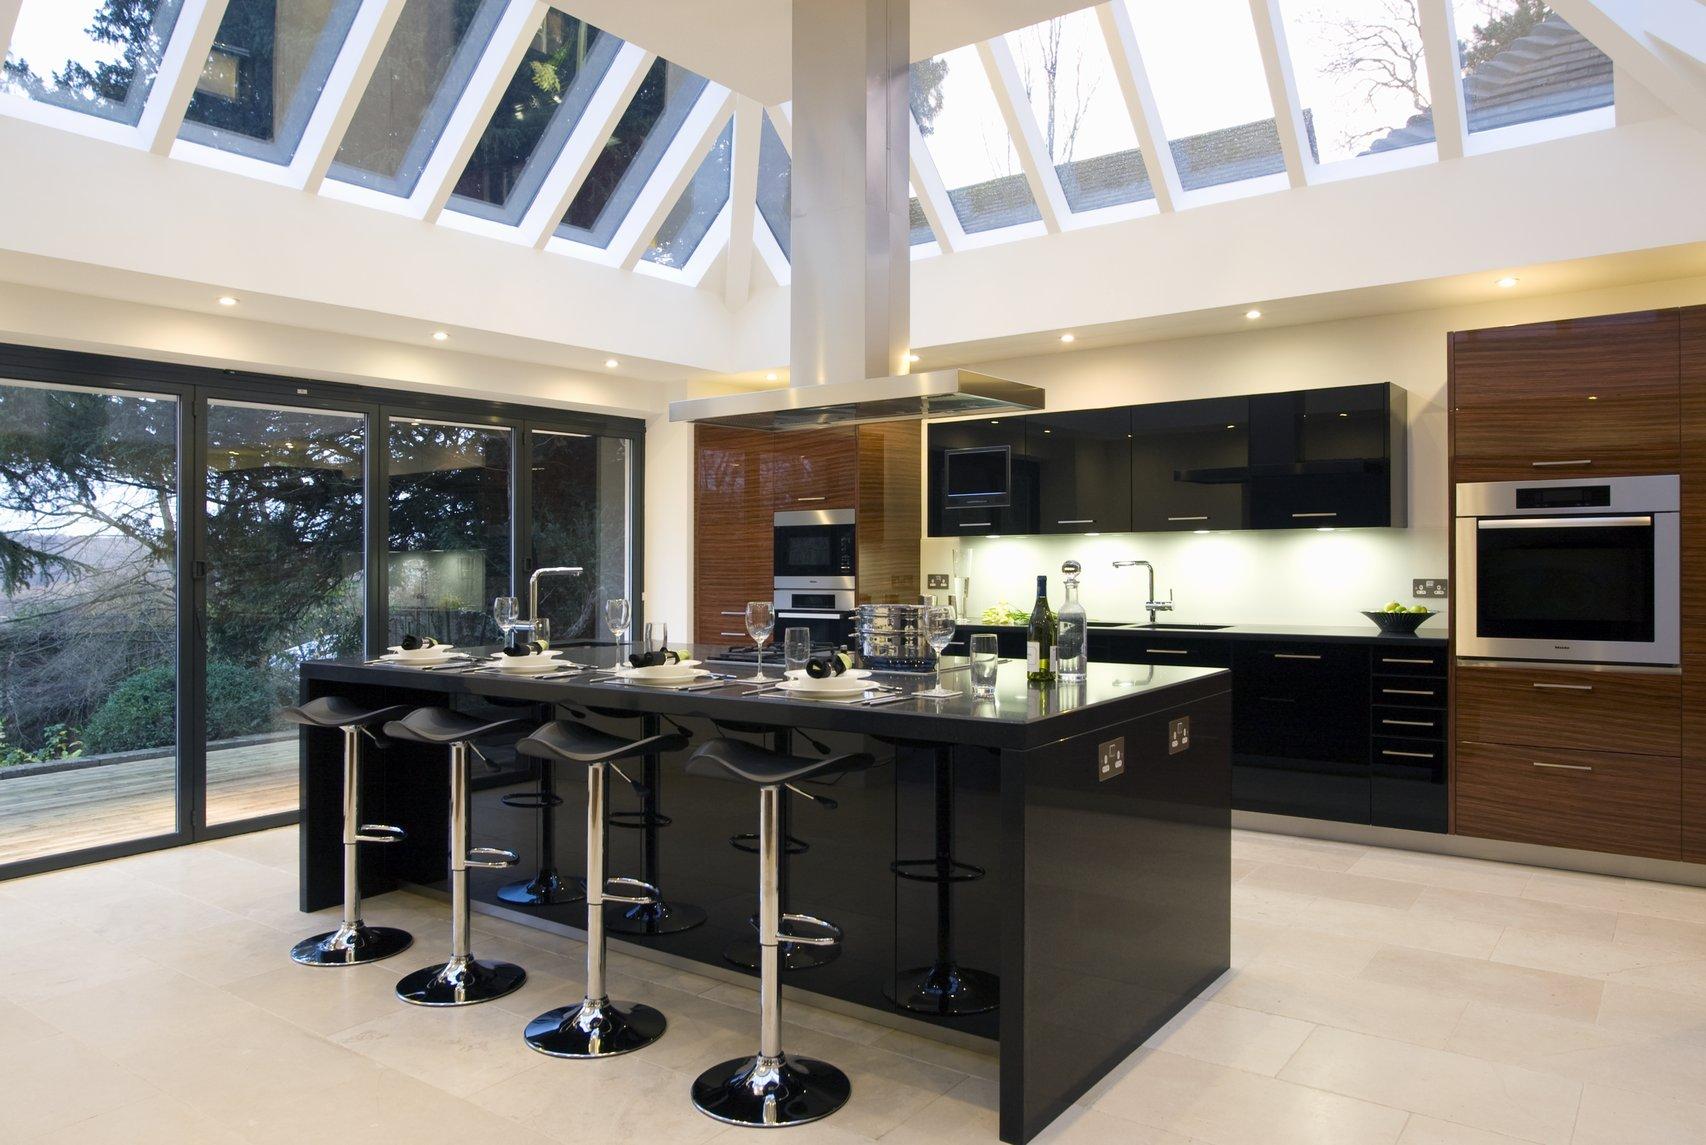 kitchen-designer-20-on-kitchen-ideas